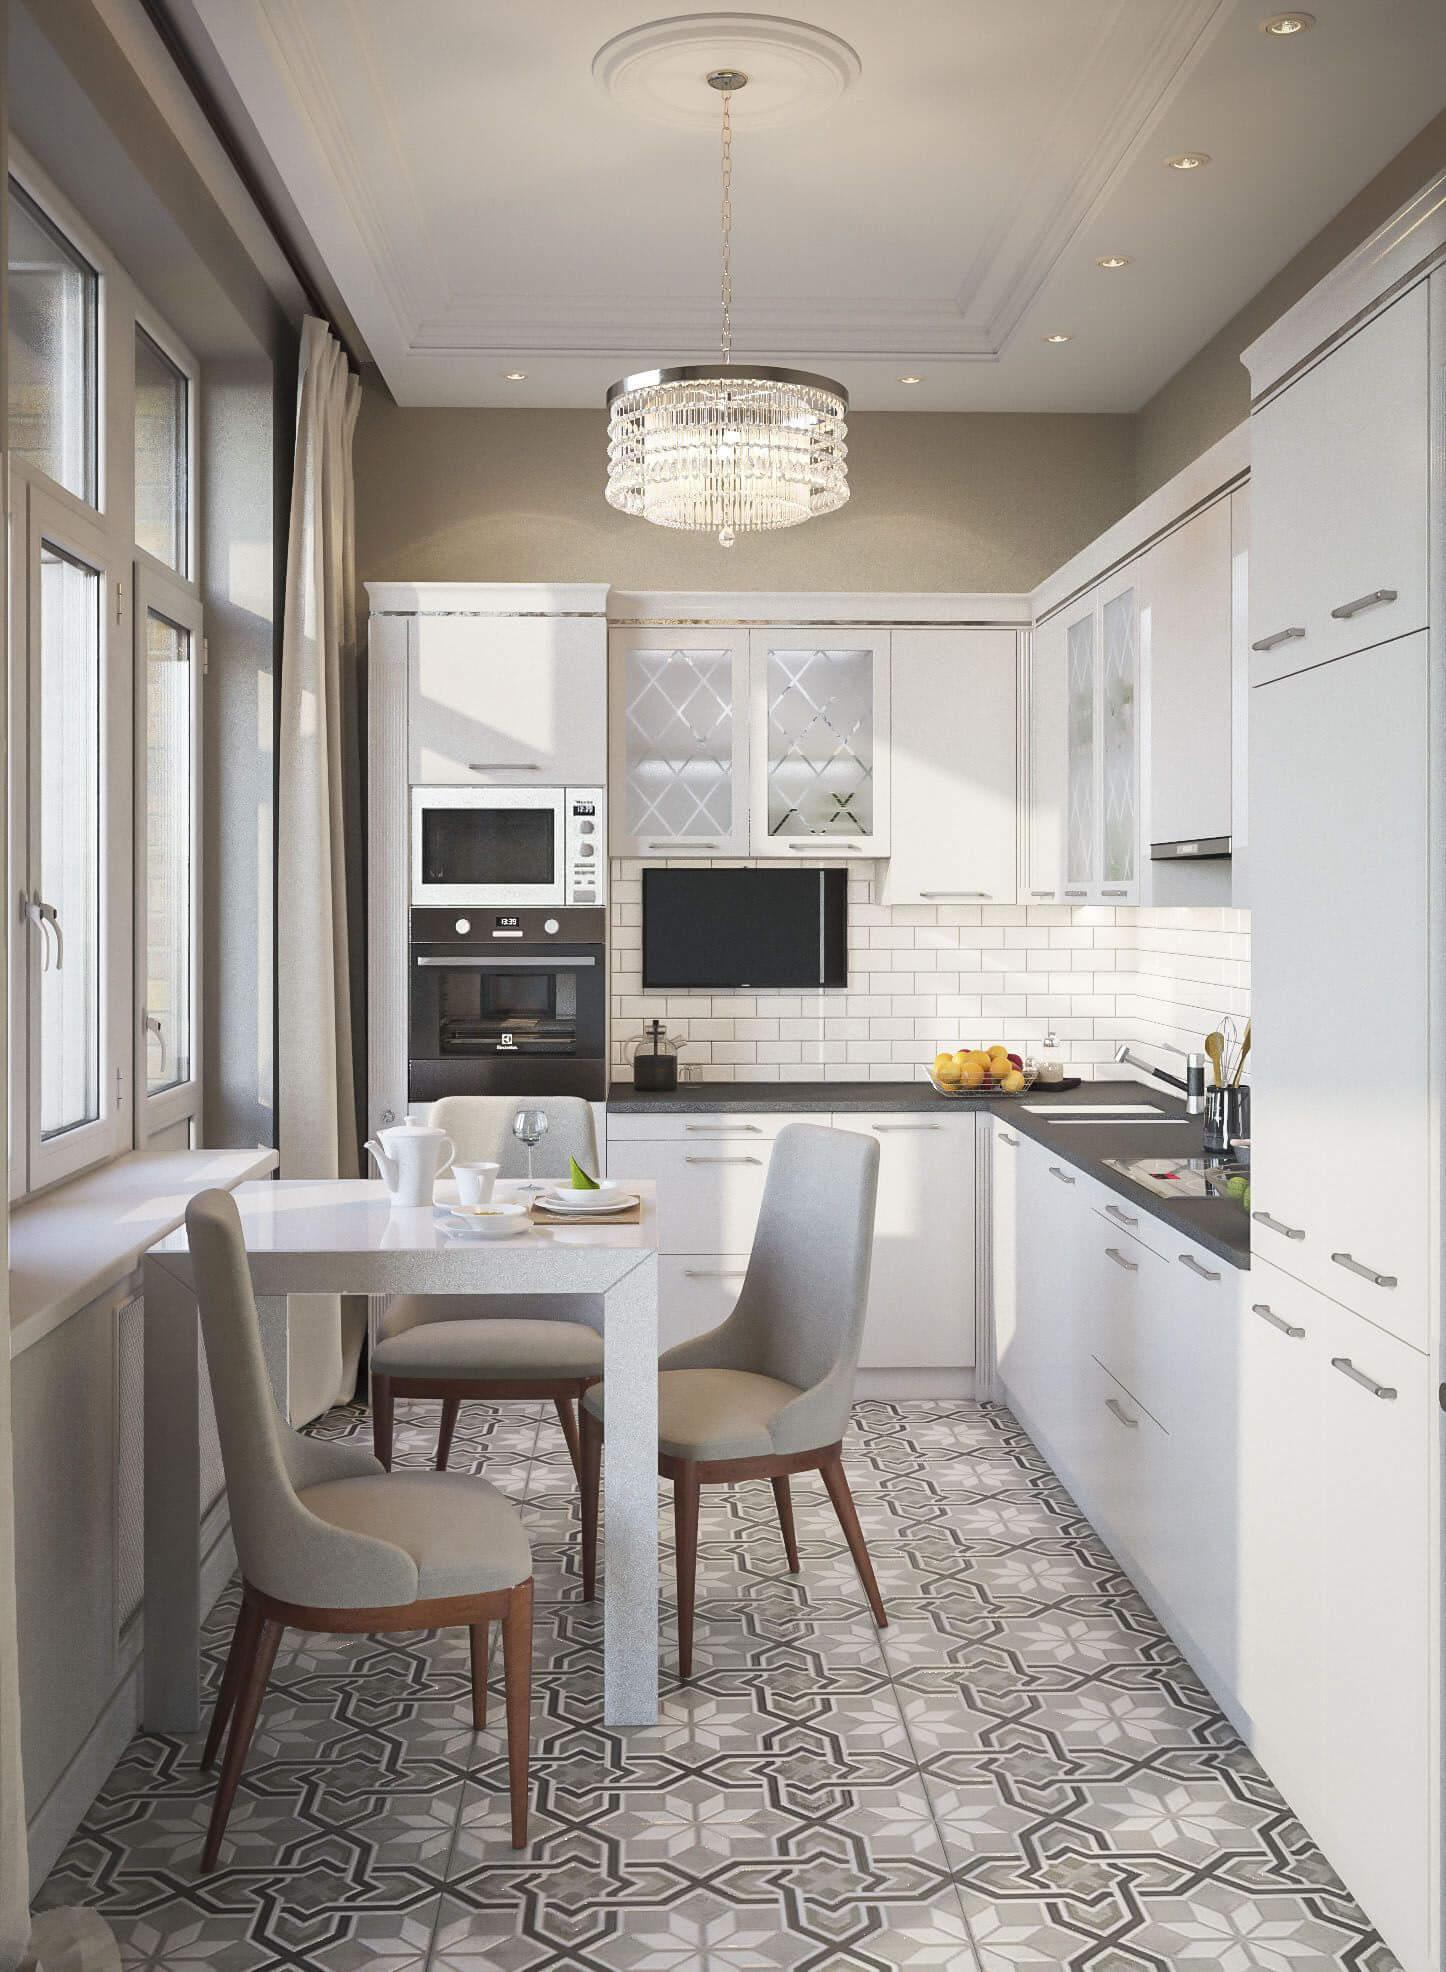 дизайн кухни 7 кв м в панельном доме